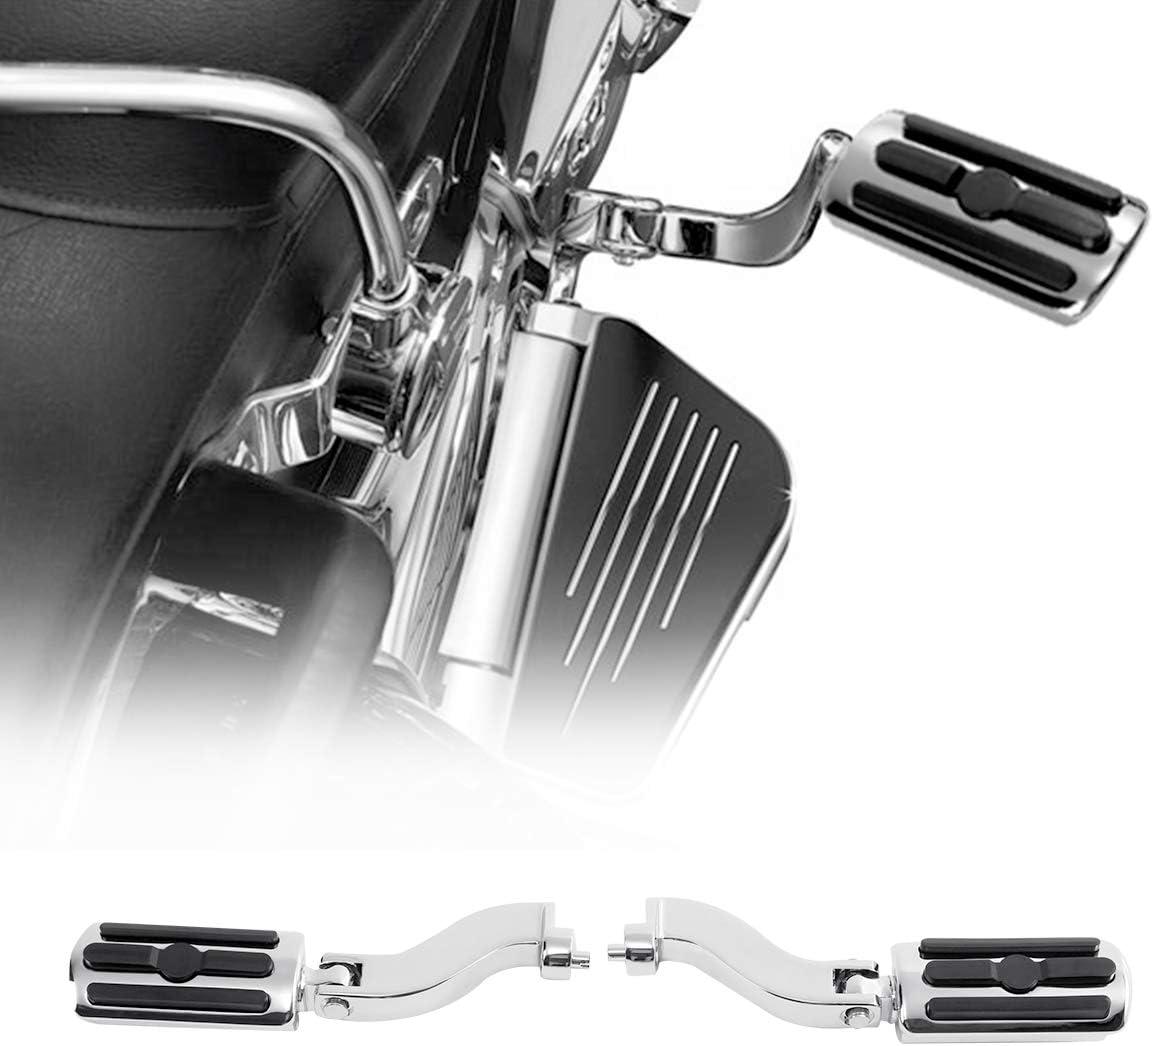 XMT-MOTO Adjustable Passenger Footpeg Kit fits for Harley Davidson Touring models 1993-later,Chrome